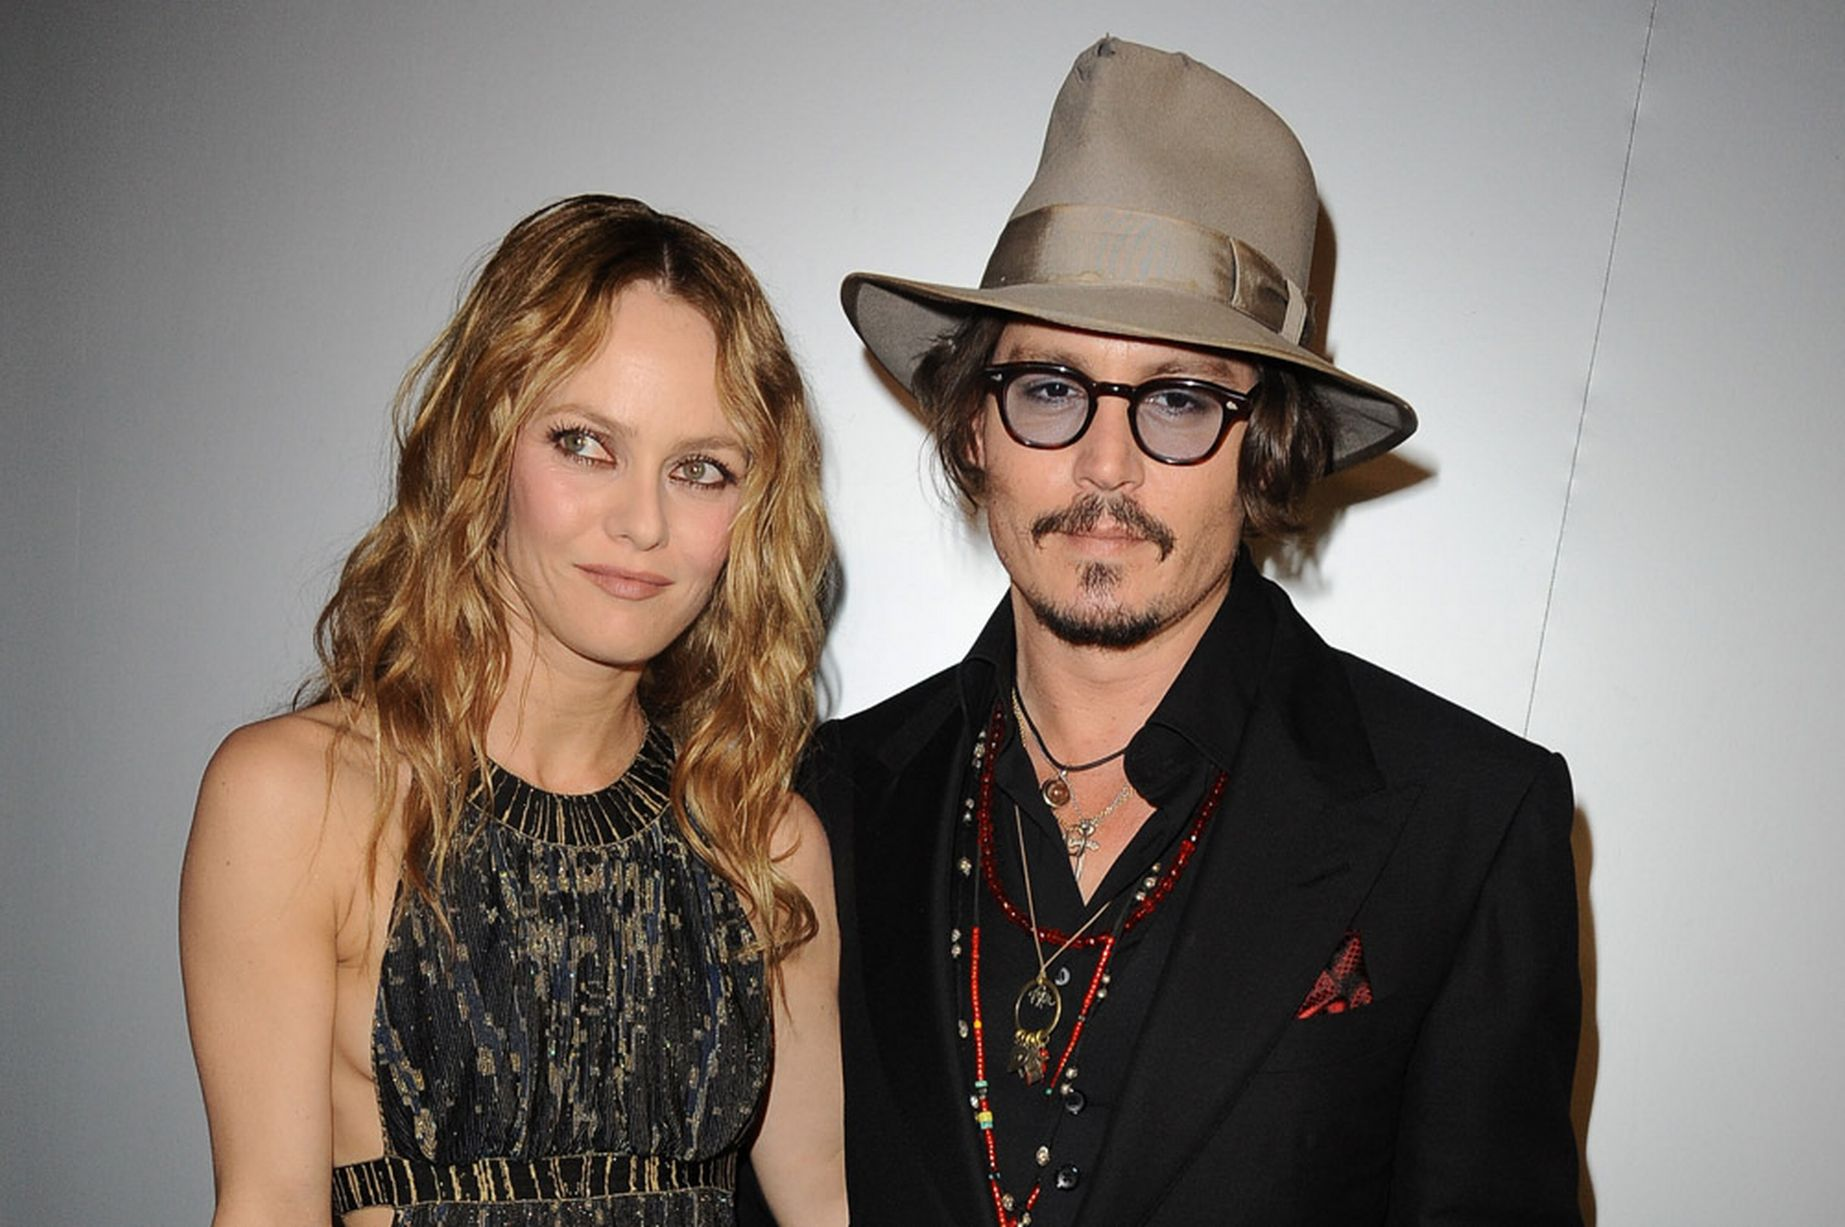 Johnny-Depp-and-wife-Vanessa-Paradis-2010